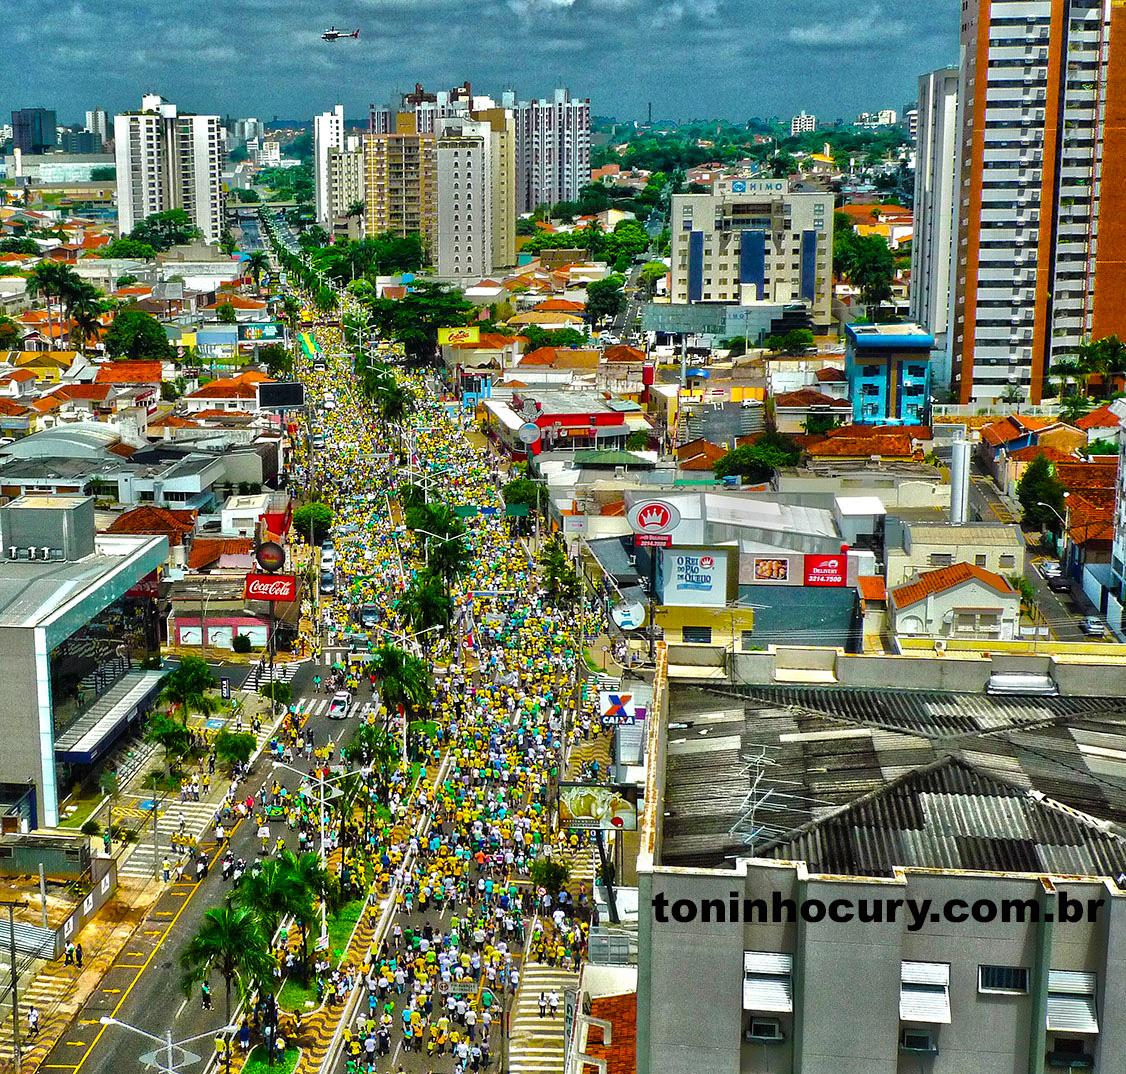 Ato contra o governo Dilma